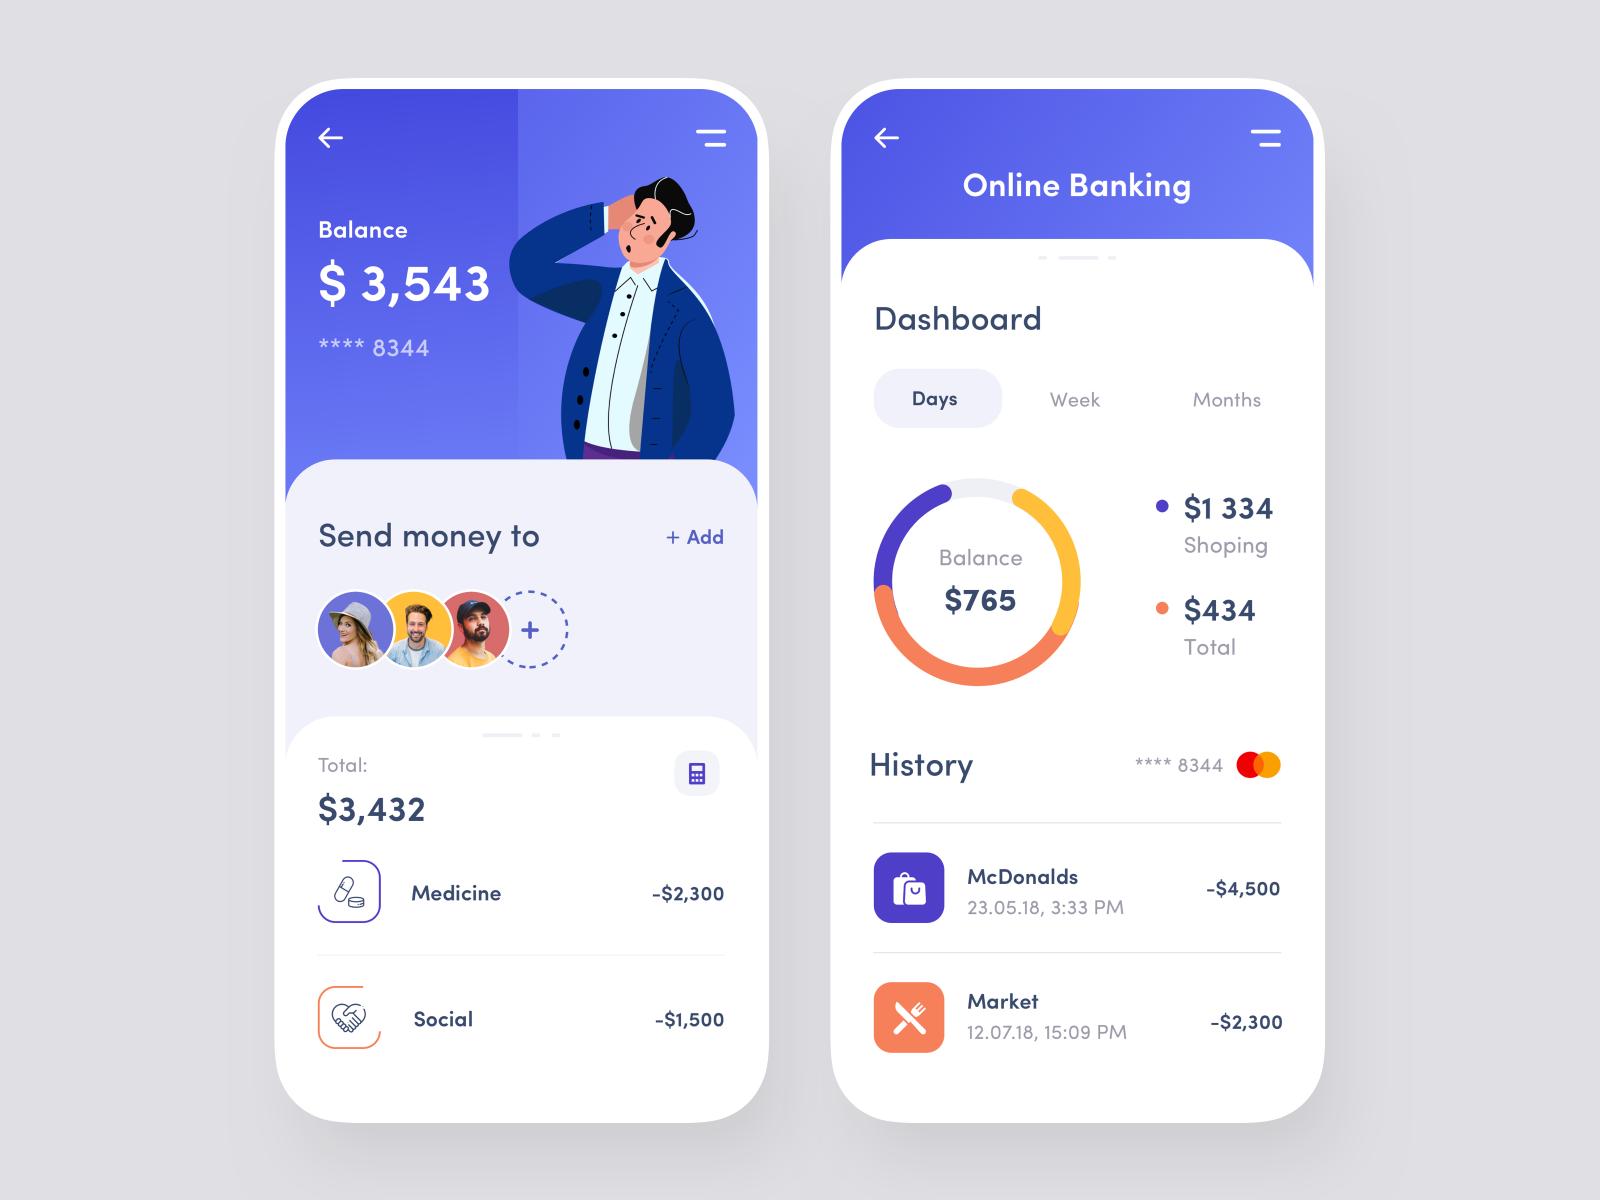 Mobile App Online Banking Mobile App Design Inspiration Mobile App Mobile App Design